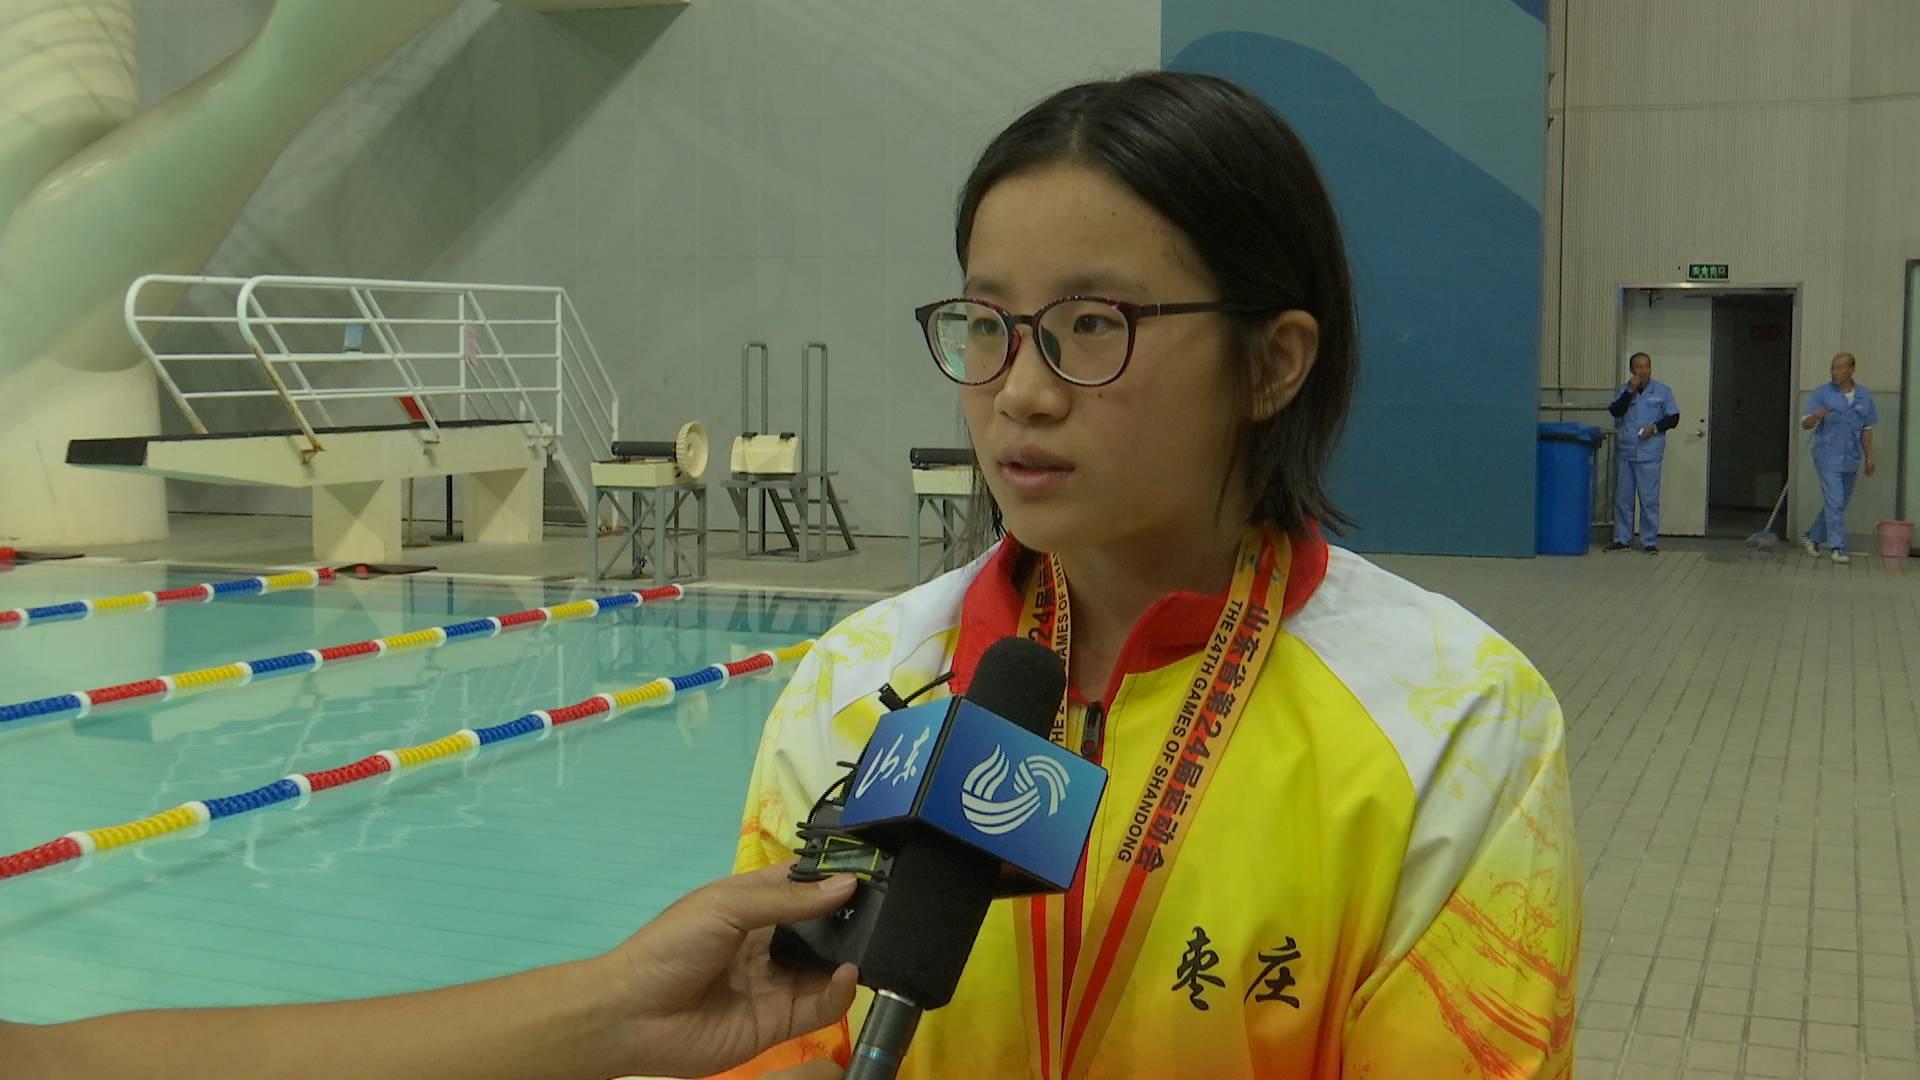 跃动齐鲁看省运·枣庄15岁泳坛新星破纪录摘金